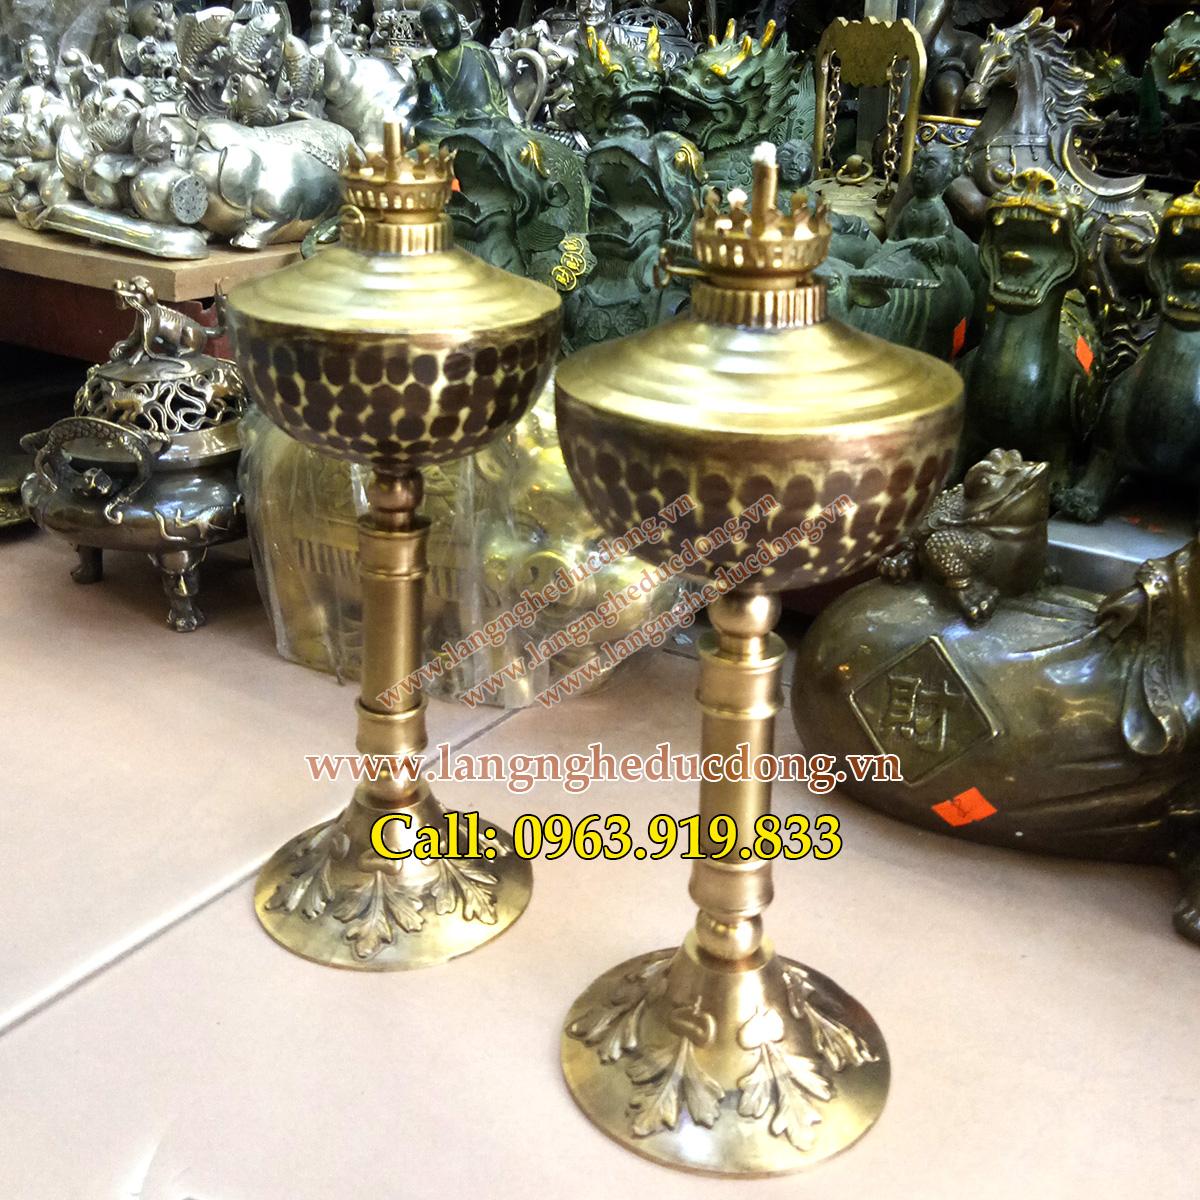 langngheducdong.vn - đèn dầu, đèn đồng thắp dầu, đèn thờ bằng đồng